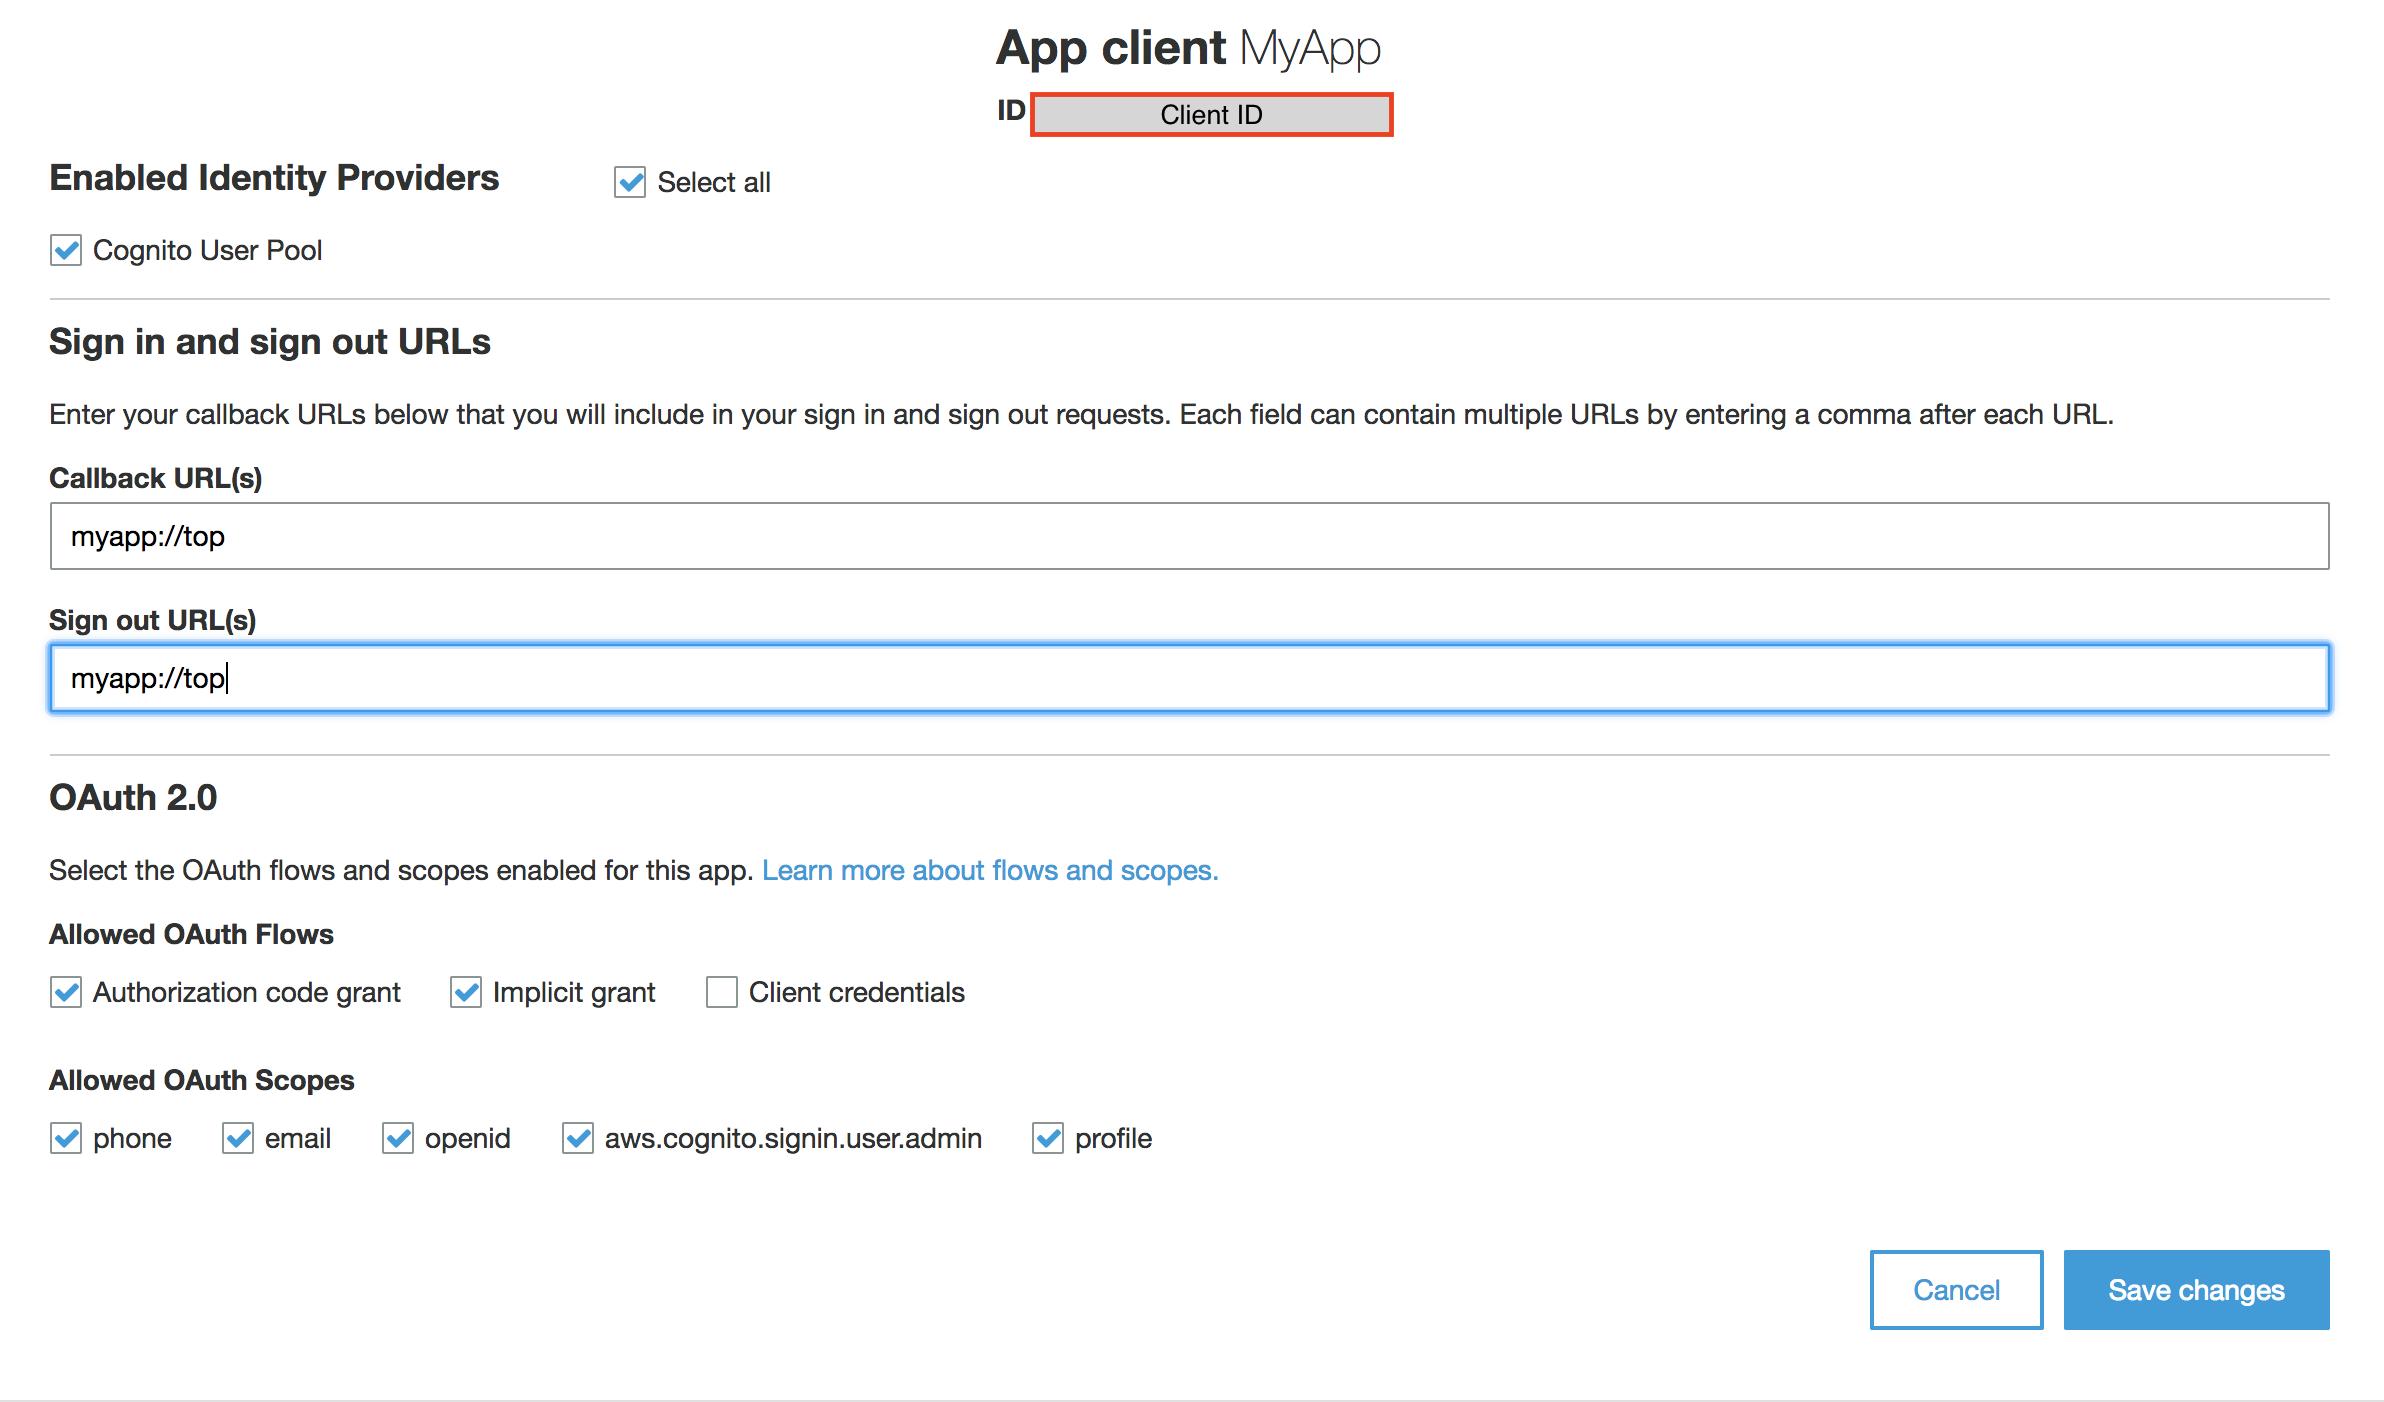 AppClientSettings.png